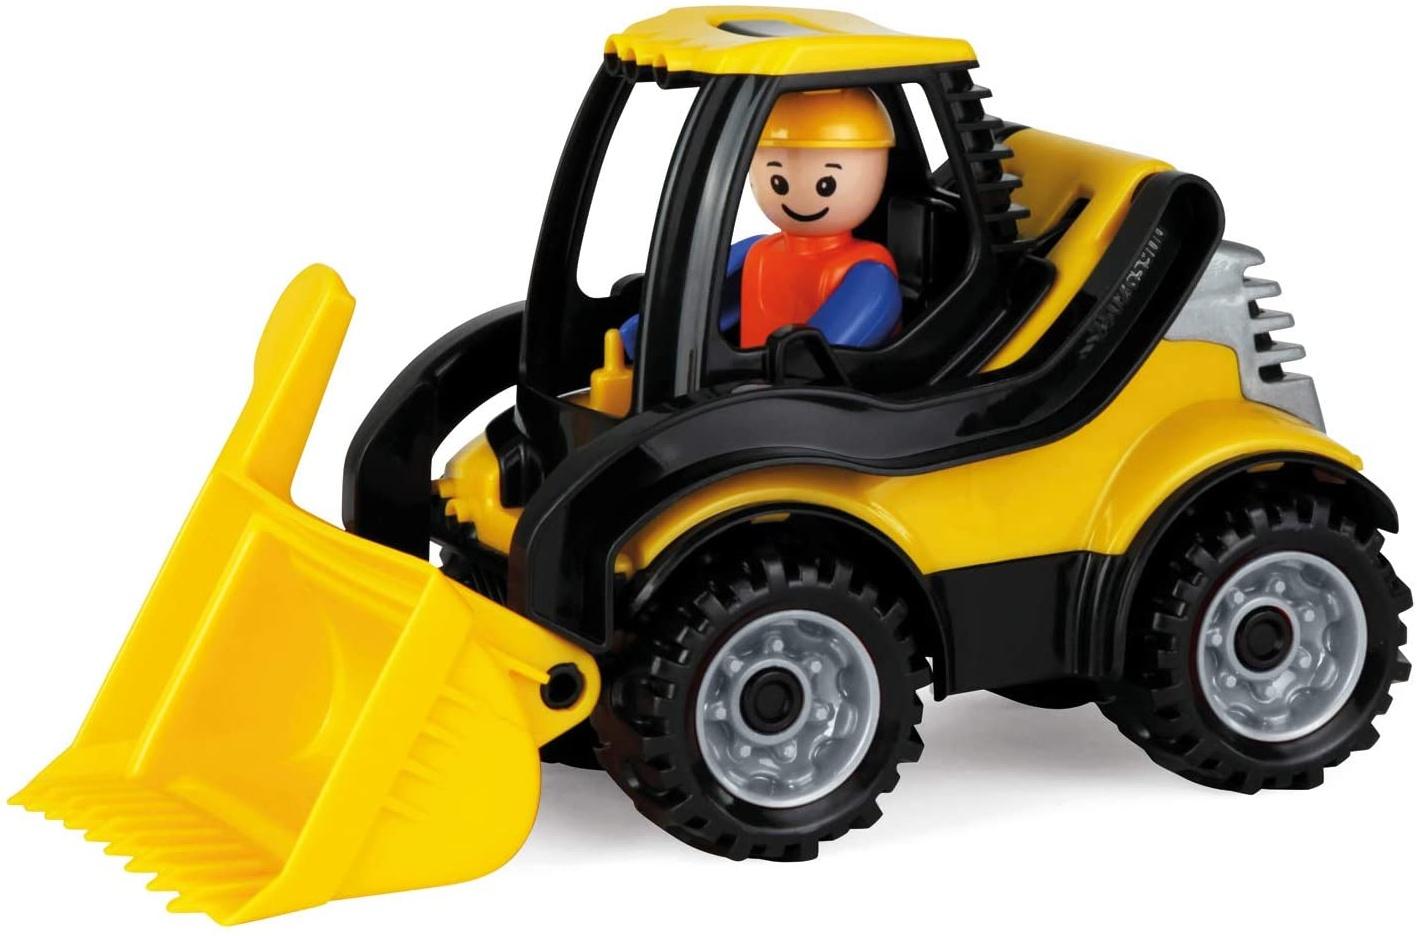 Lena 01622 Truckies Schaufellader, stabiles Baustellen Fahrzeug ca. 22 cm, kleines Spielfahrzeug Radlader für Kinder ab 2 Jahre, robuster Spielzeug Lader für Sandkasten, Strand und Kinderzimmer Bild 1